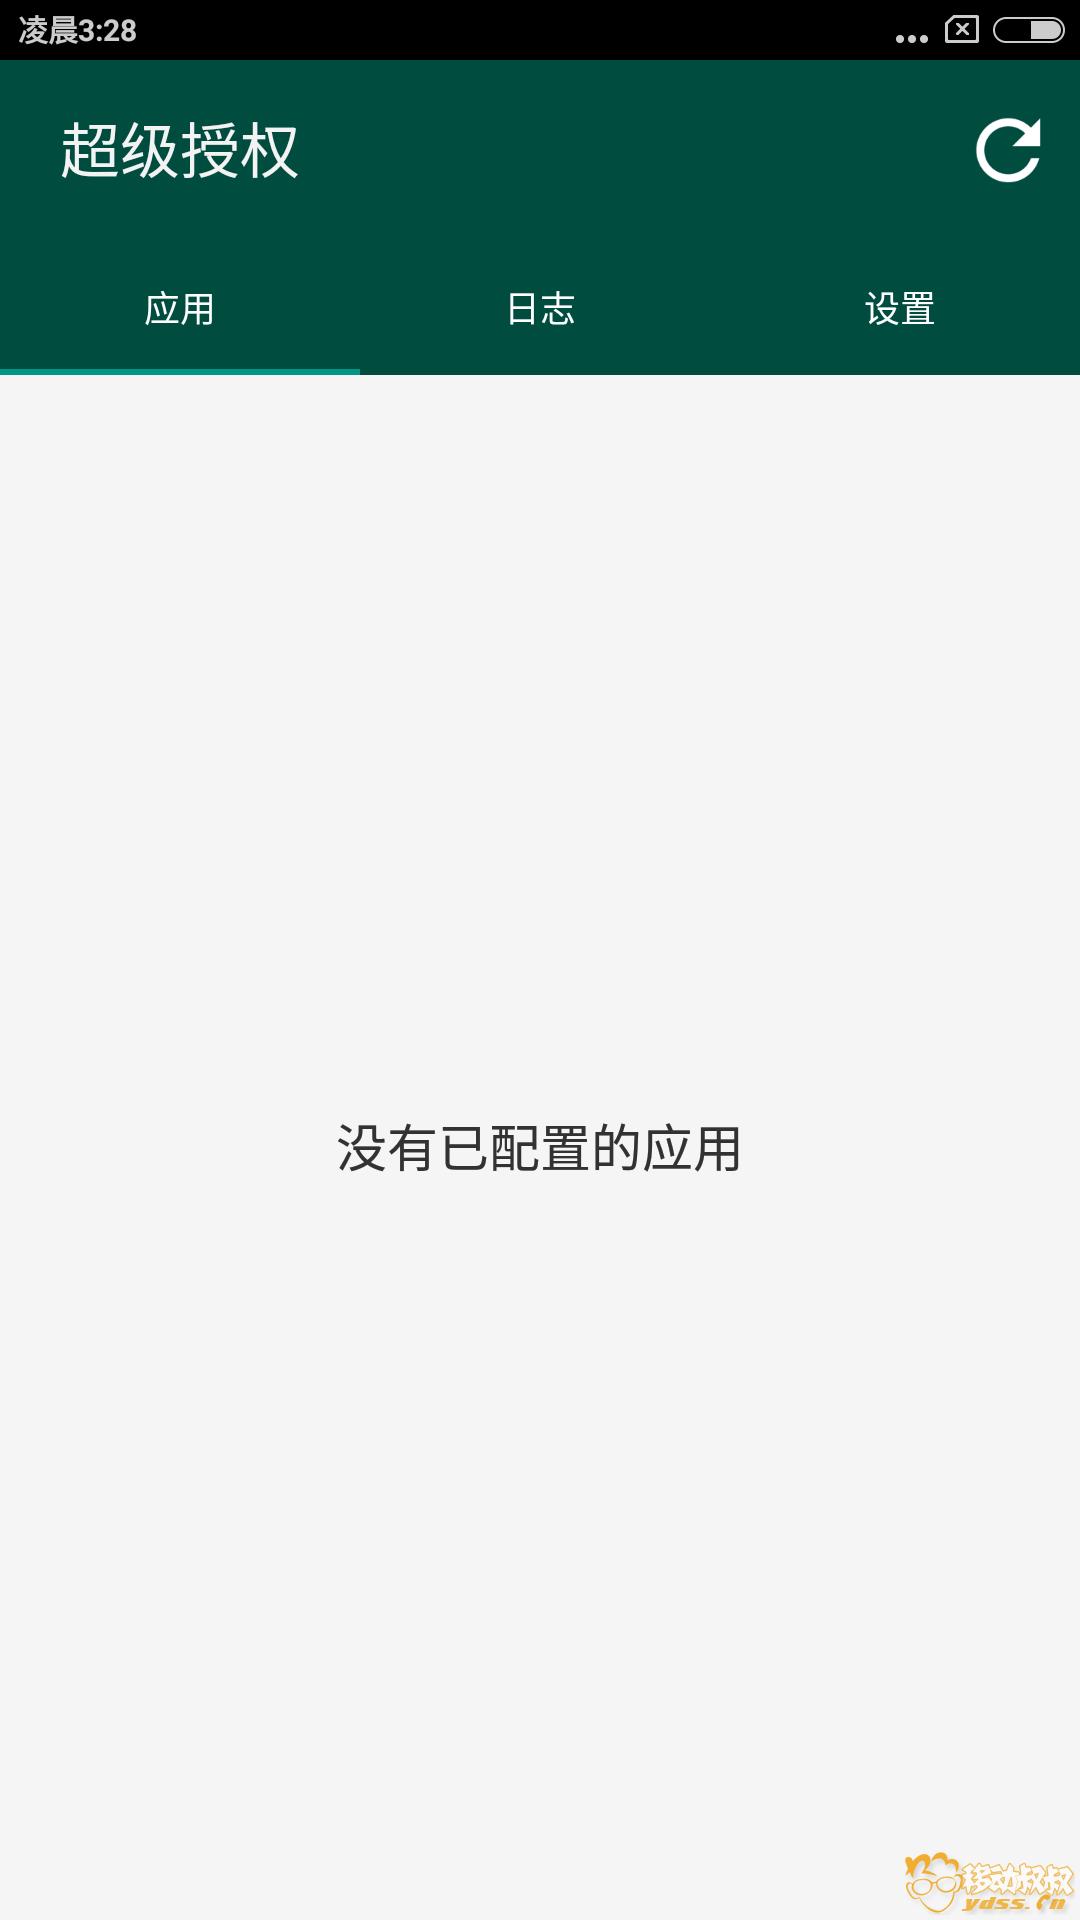 Screenshot_2018-03-11-03-28-00-365_eu.chianfire.s.png